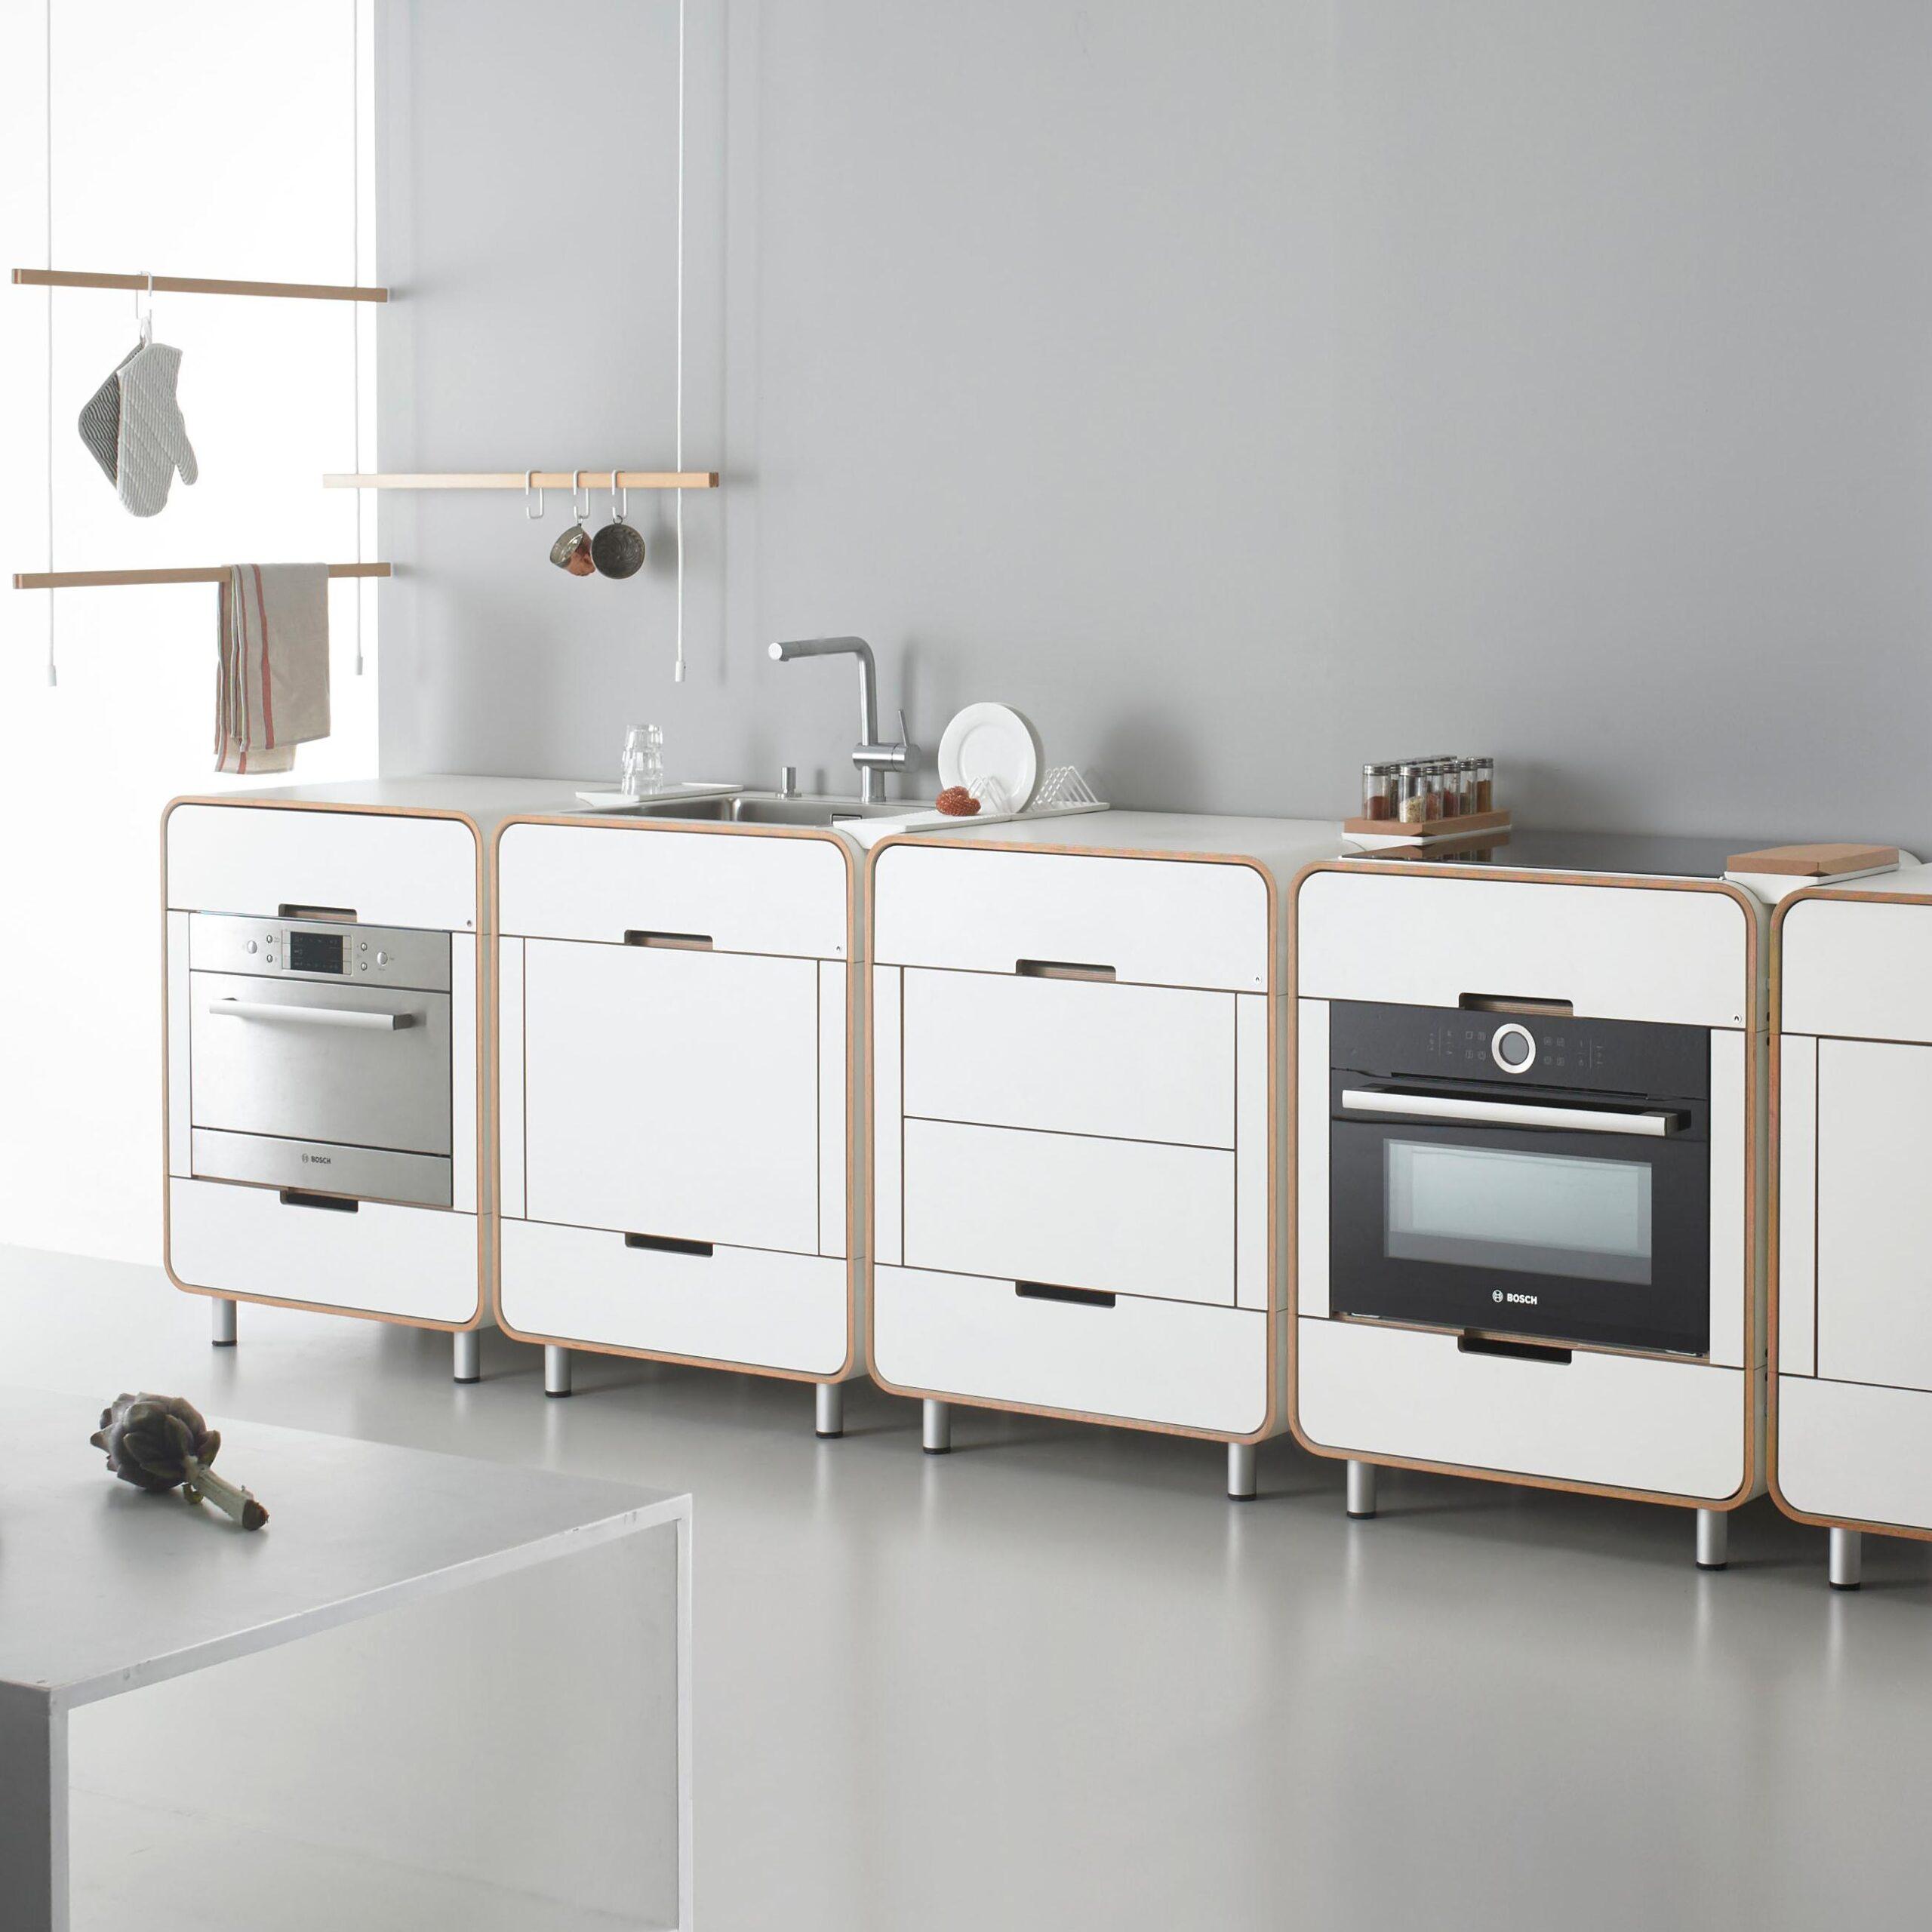 Full Size of Minikche Bei Ikea Kchen Im Landhausstil Inspiration Couch Küche Kosten Kaufen Betten 160x200 Modulküche Miniküche Sofa Mit Schlaffunktion Wohnzimmer Miniküchen Ikea